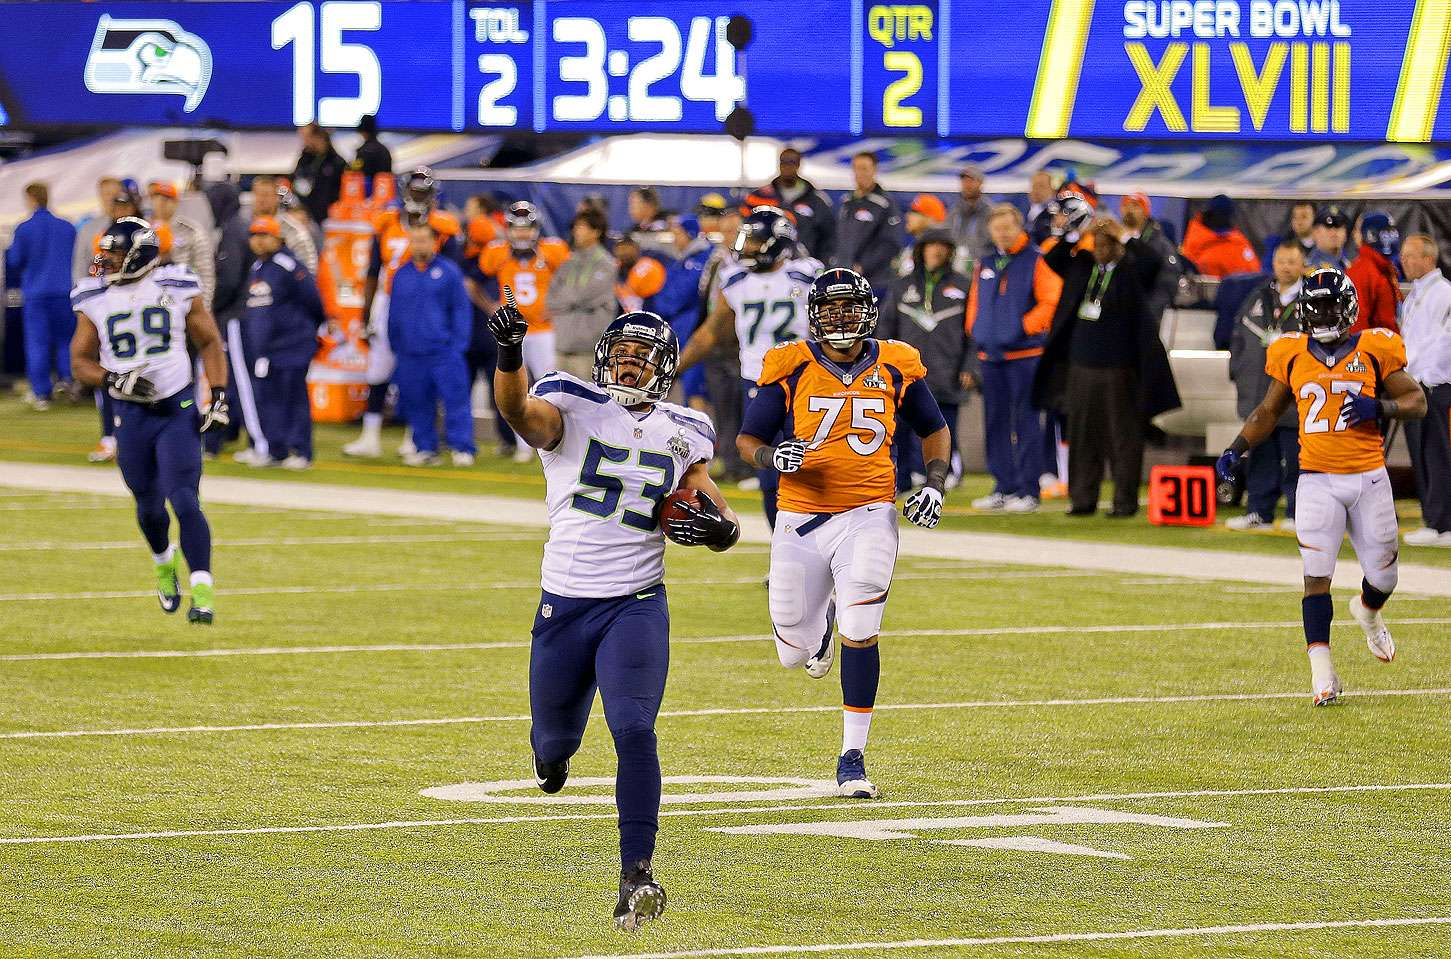 Malcolm Smith de los Seahawks de Seattle se enfila para anotar un touchodown tras un pase interceptado durante el primer tiempo del Super Bowl ante los Broncos de Denver el domingo 2 de febrero de 2014. Foto: Gregory Bull/AP